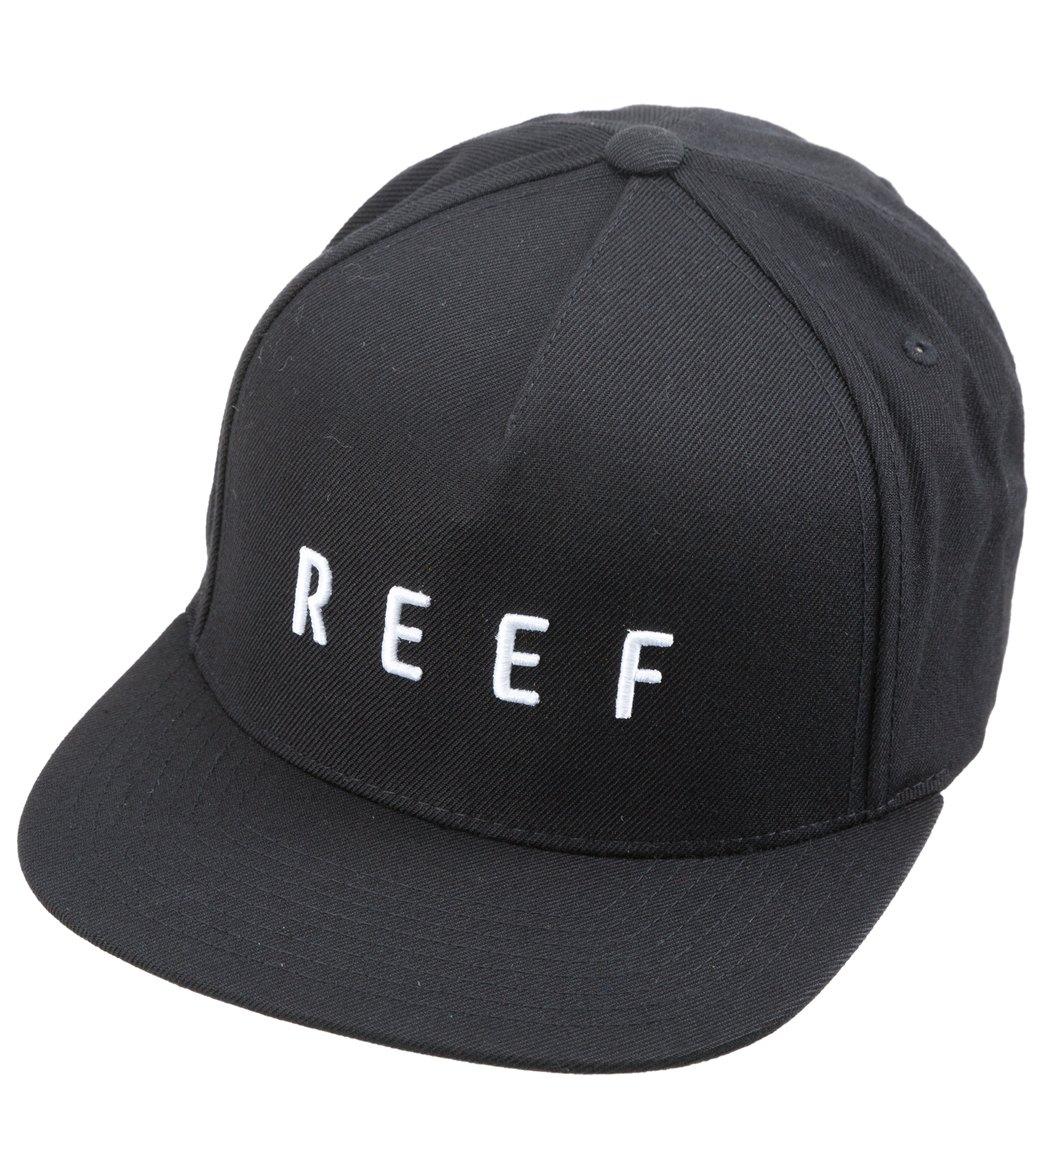 Reef Men s Motion Hat at SwimOutlet.com 153daf12d786